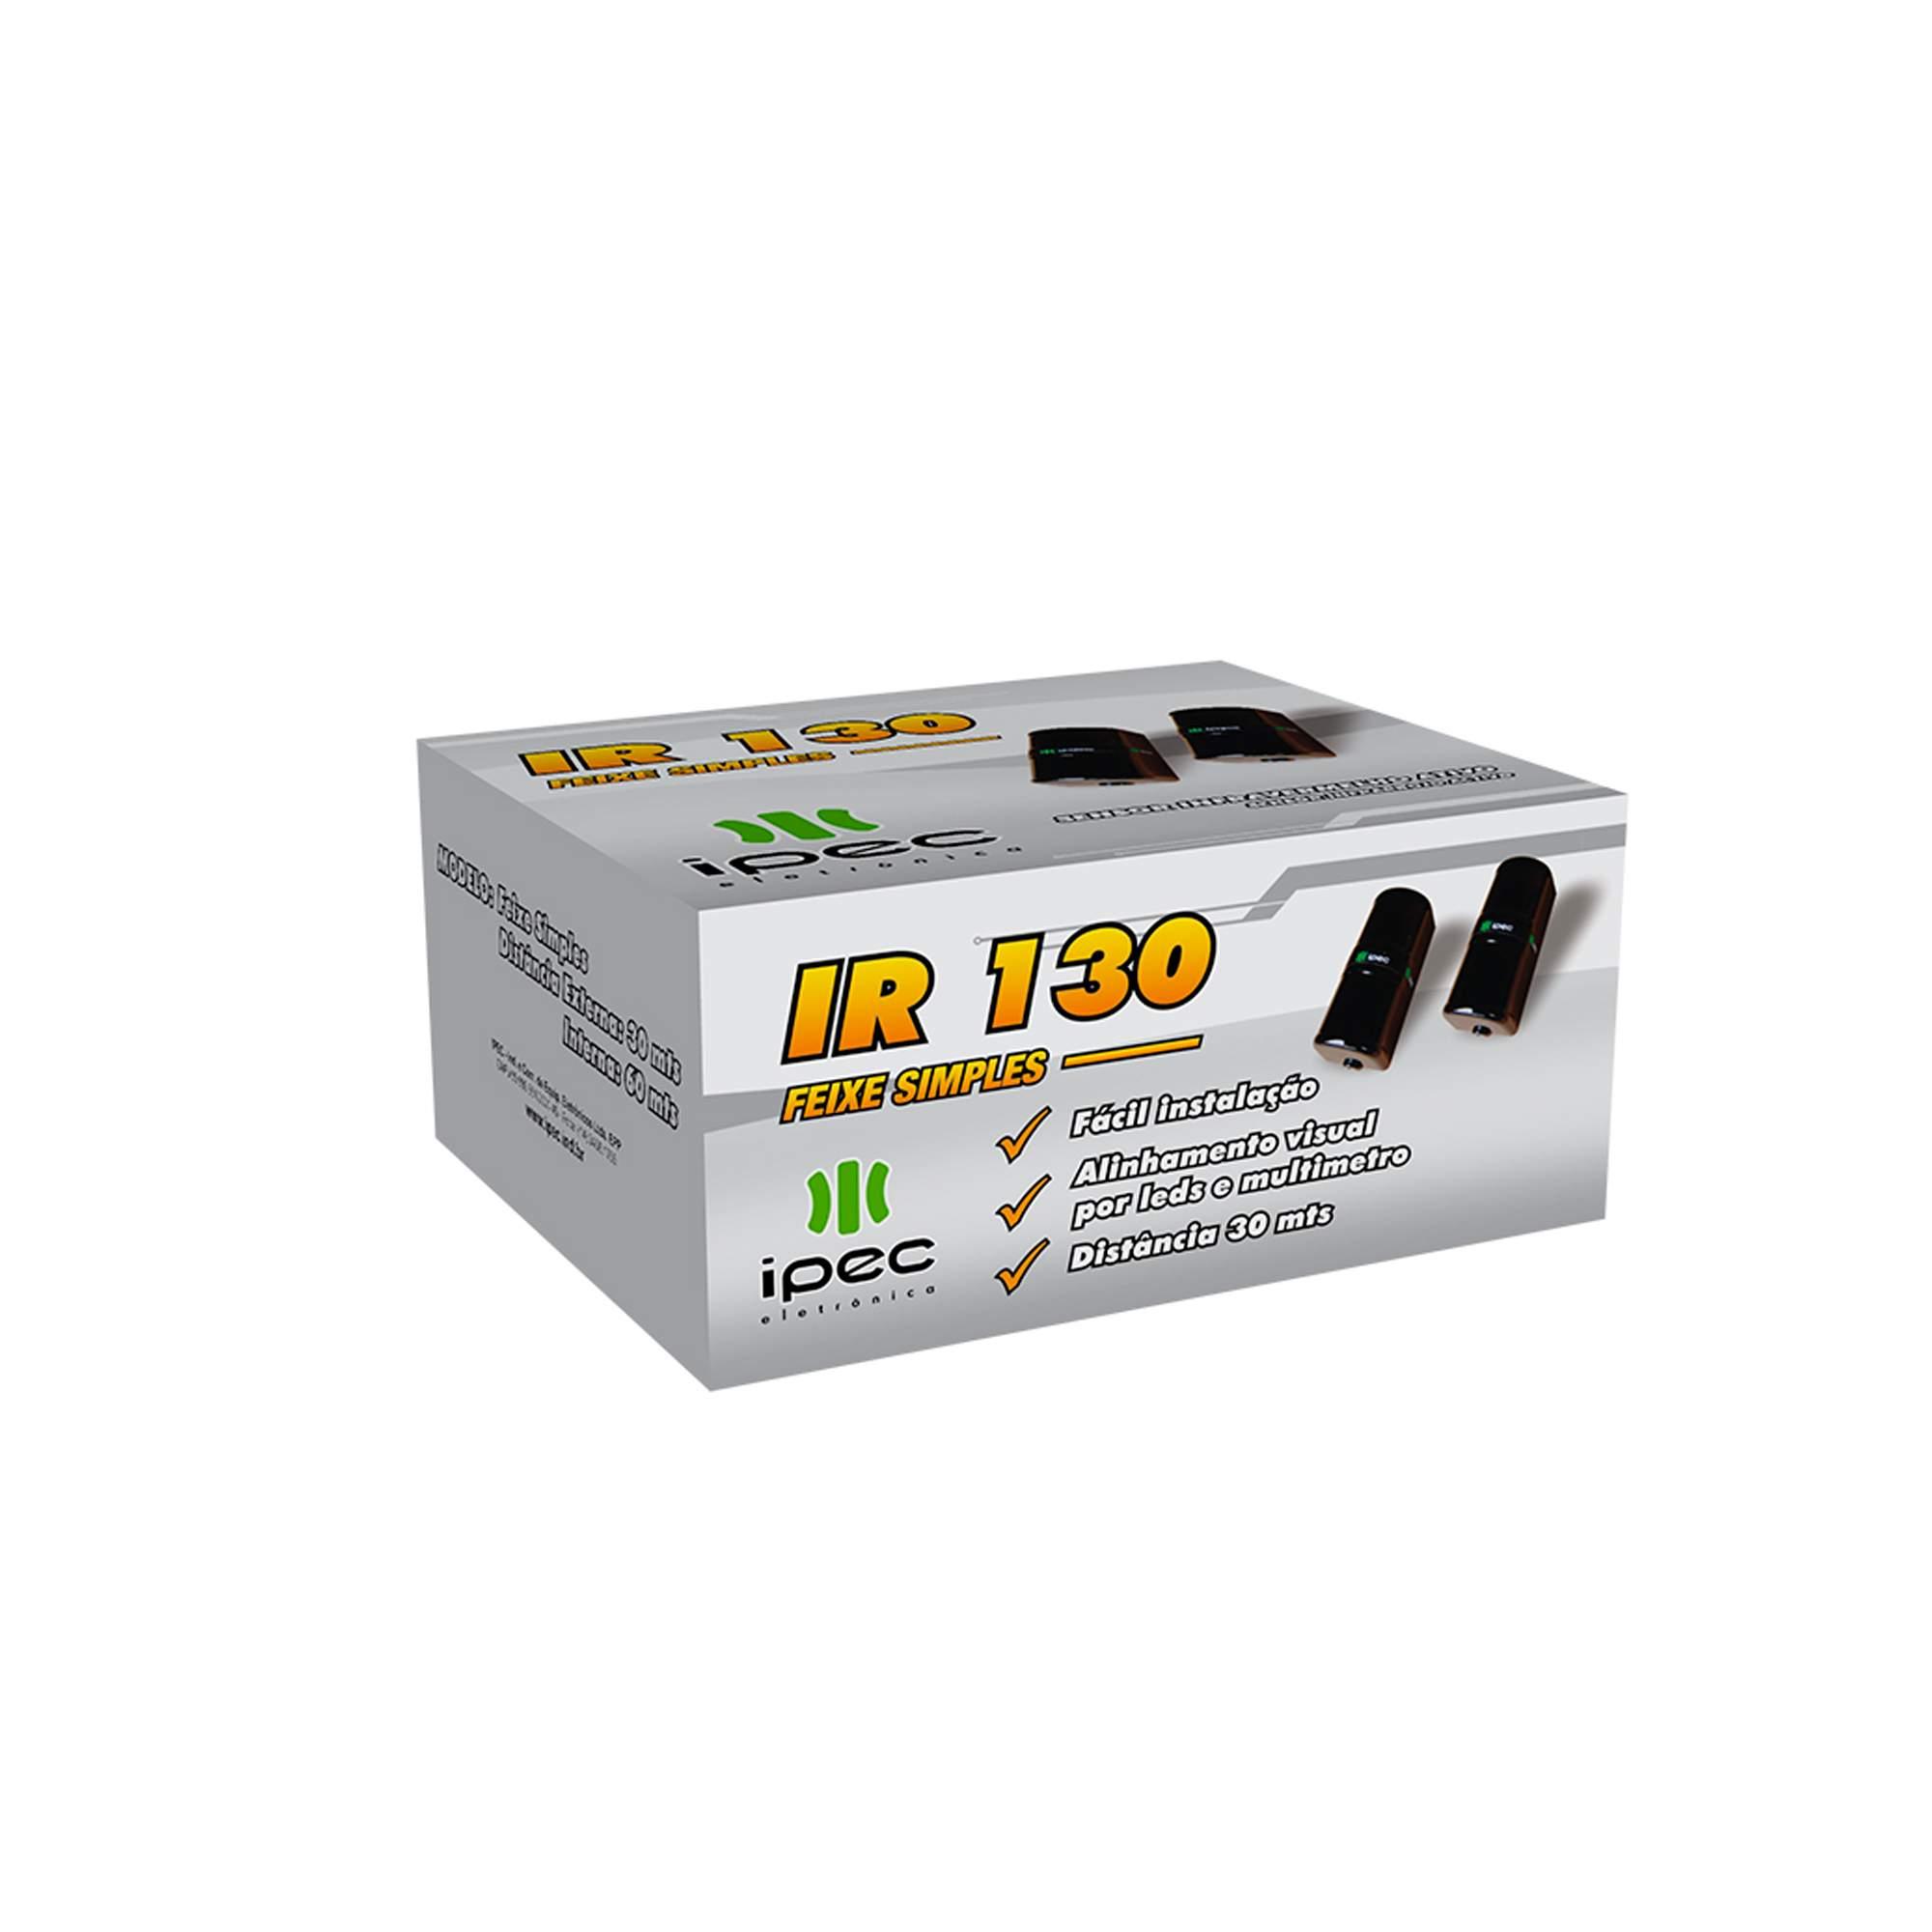 Sensor Ativo de Barreira IPEC IR 130 Feixe Simples 30 Metros